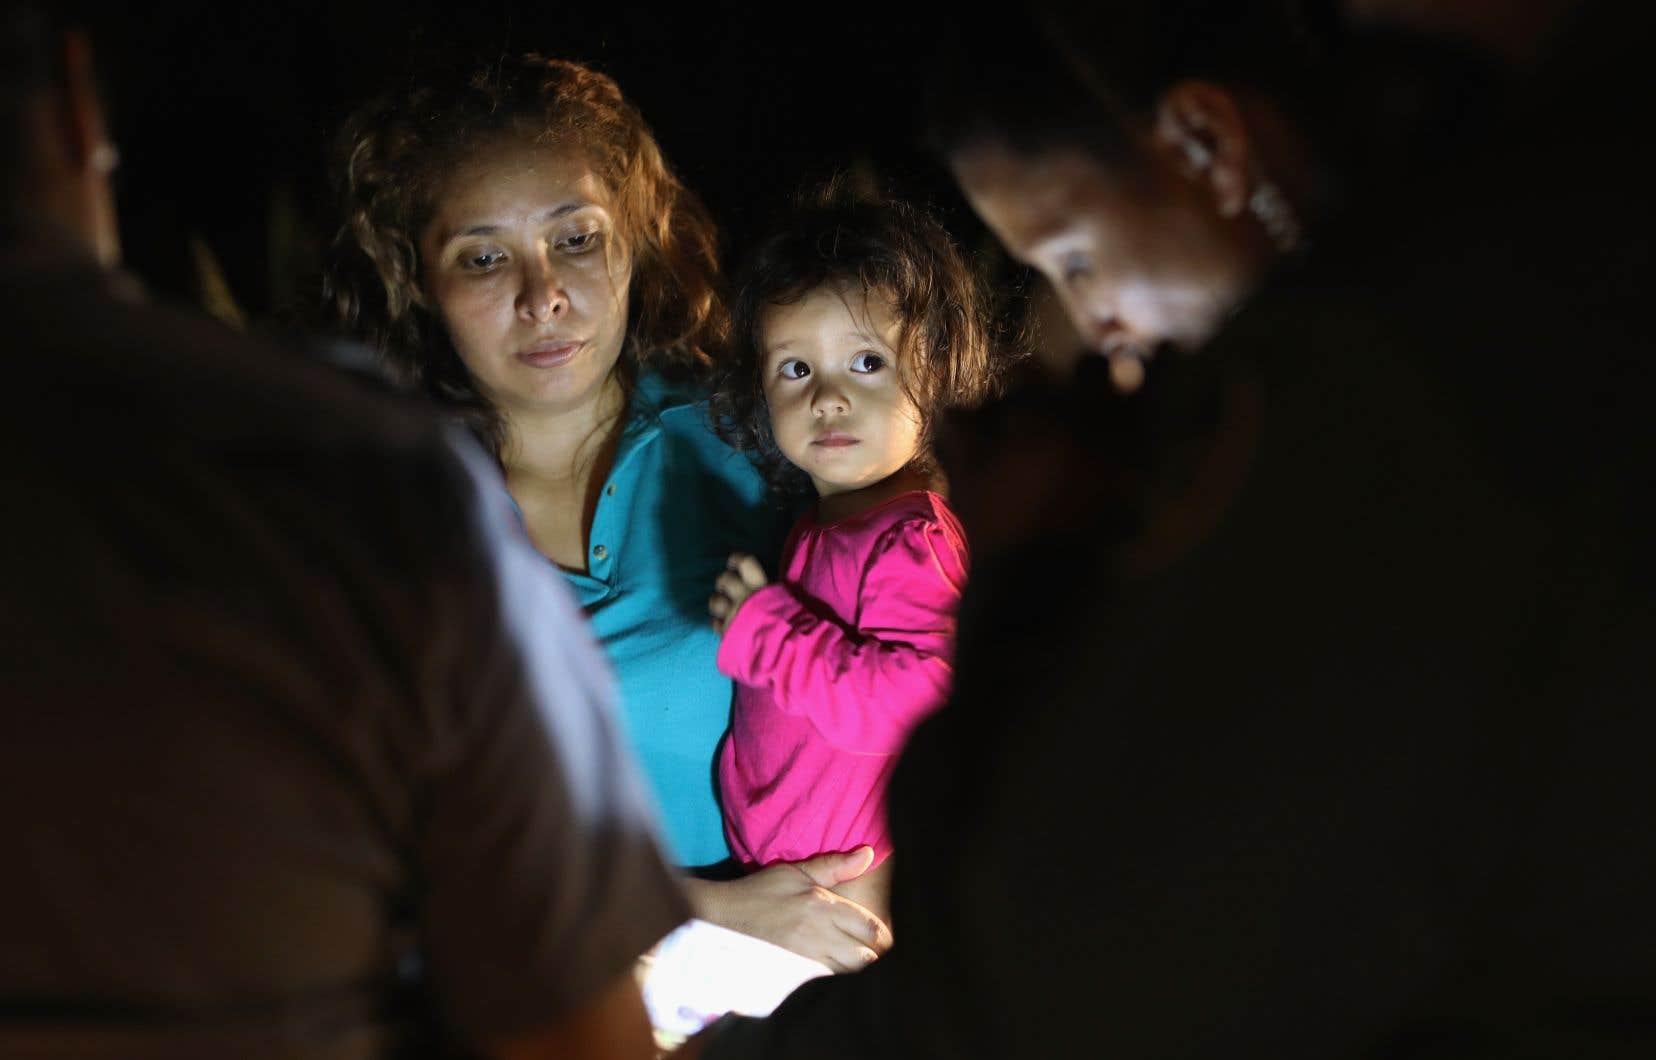 Chaque mois, plusieurs milliers de personnes tentent de pénétrer aux États-Unis par la frontière avec le Mexique, protégée par des clôtures et des obstacles naturels.